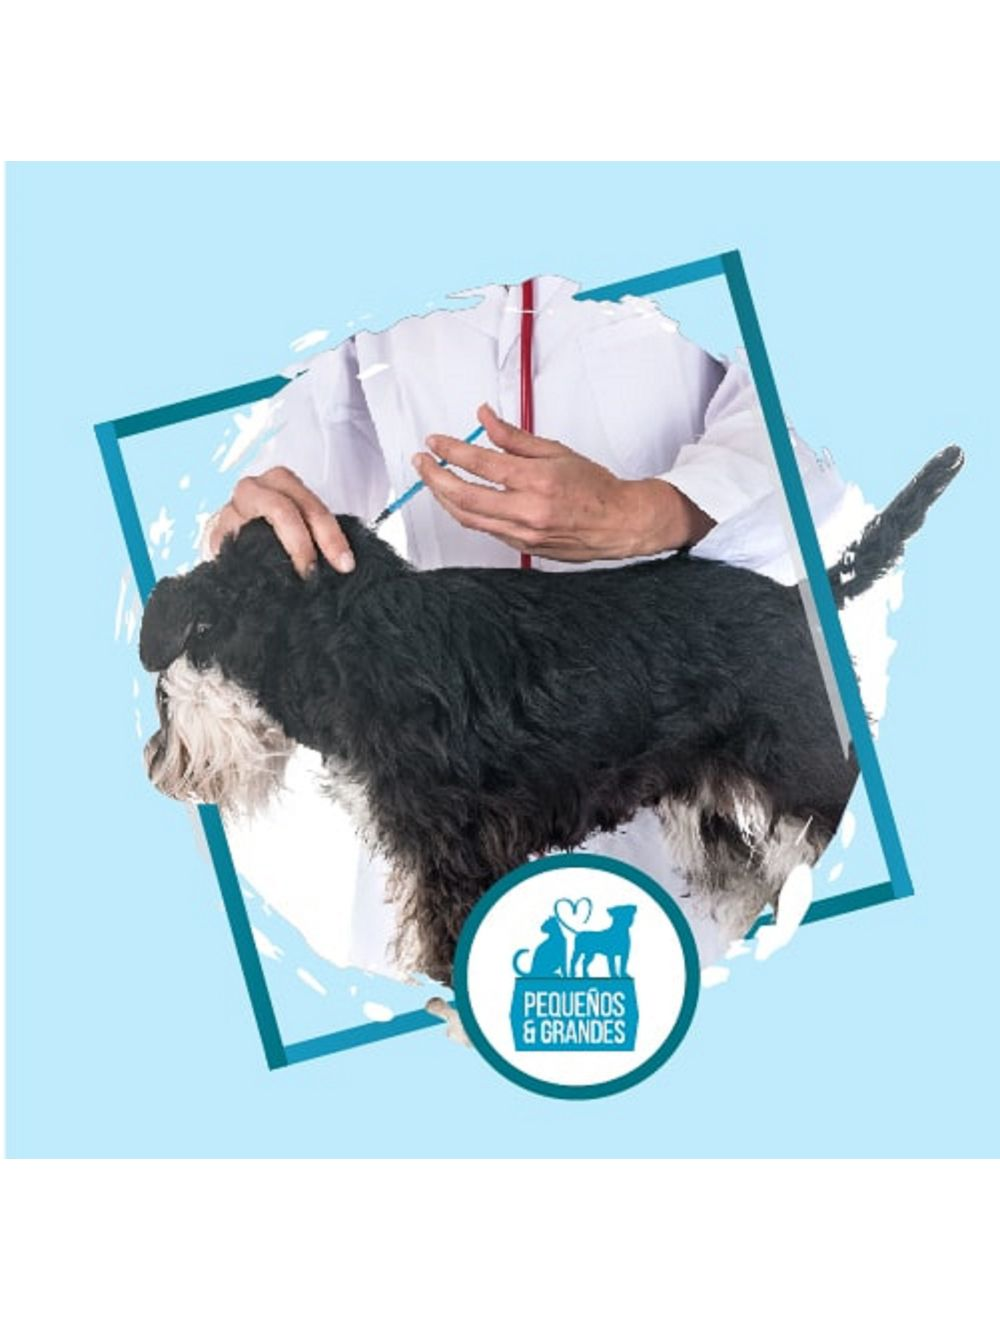 Vacunación a domicilio Perro - Rabia / Tos Perrera